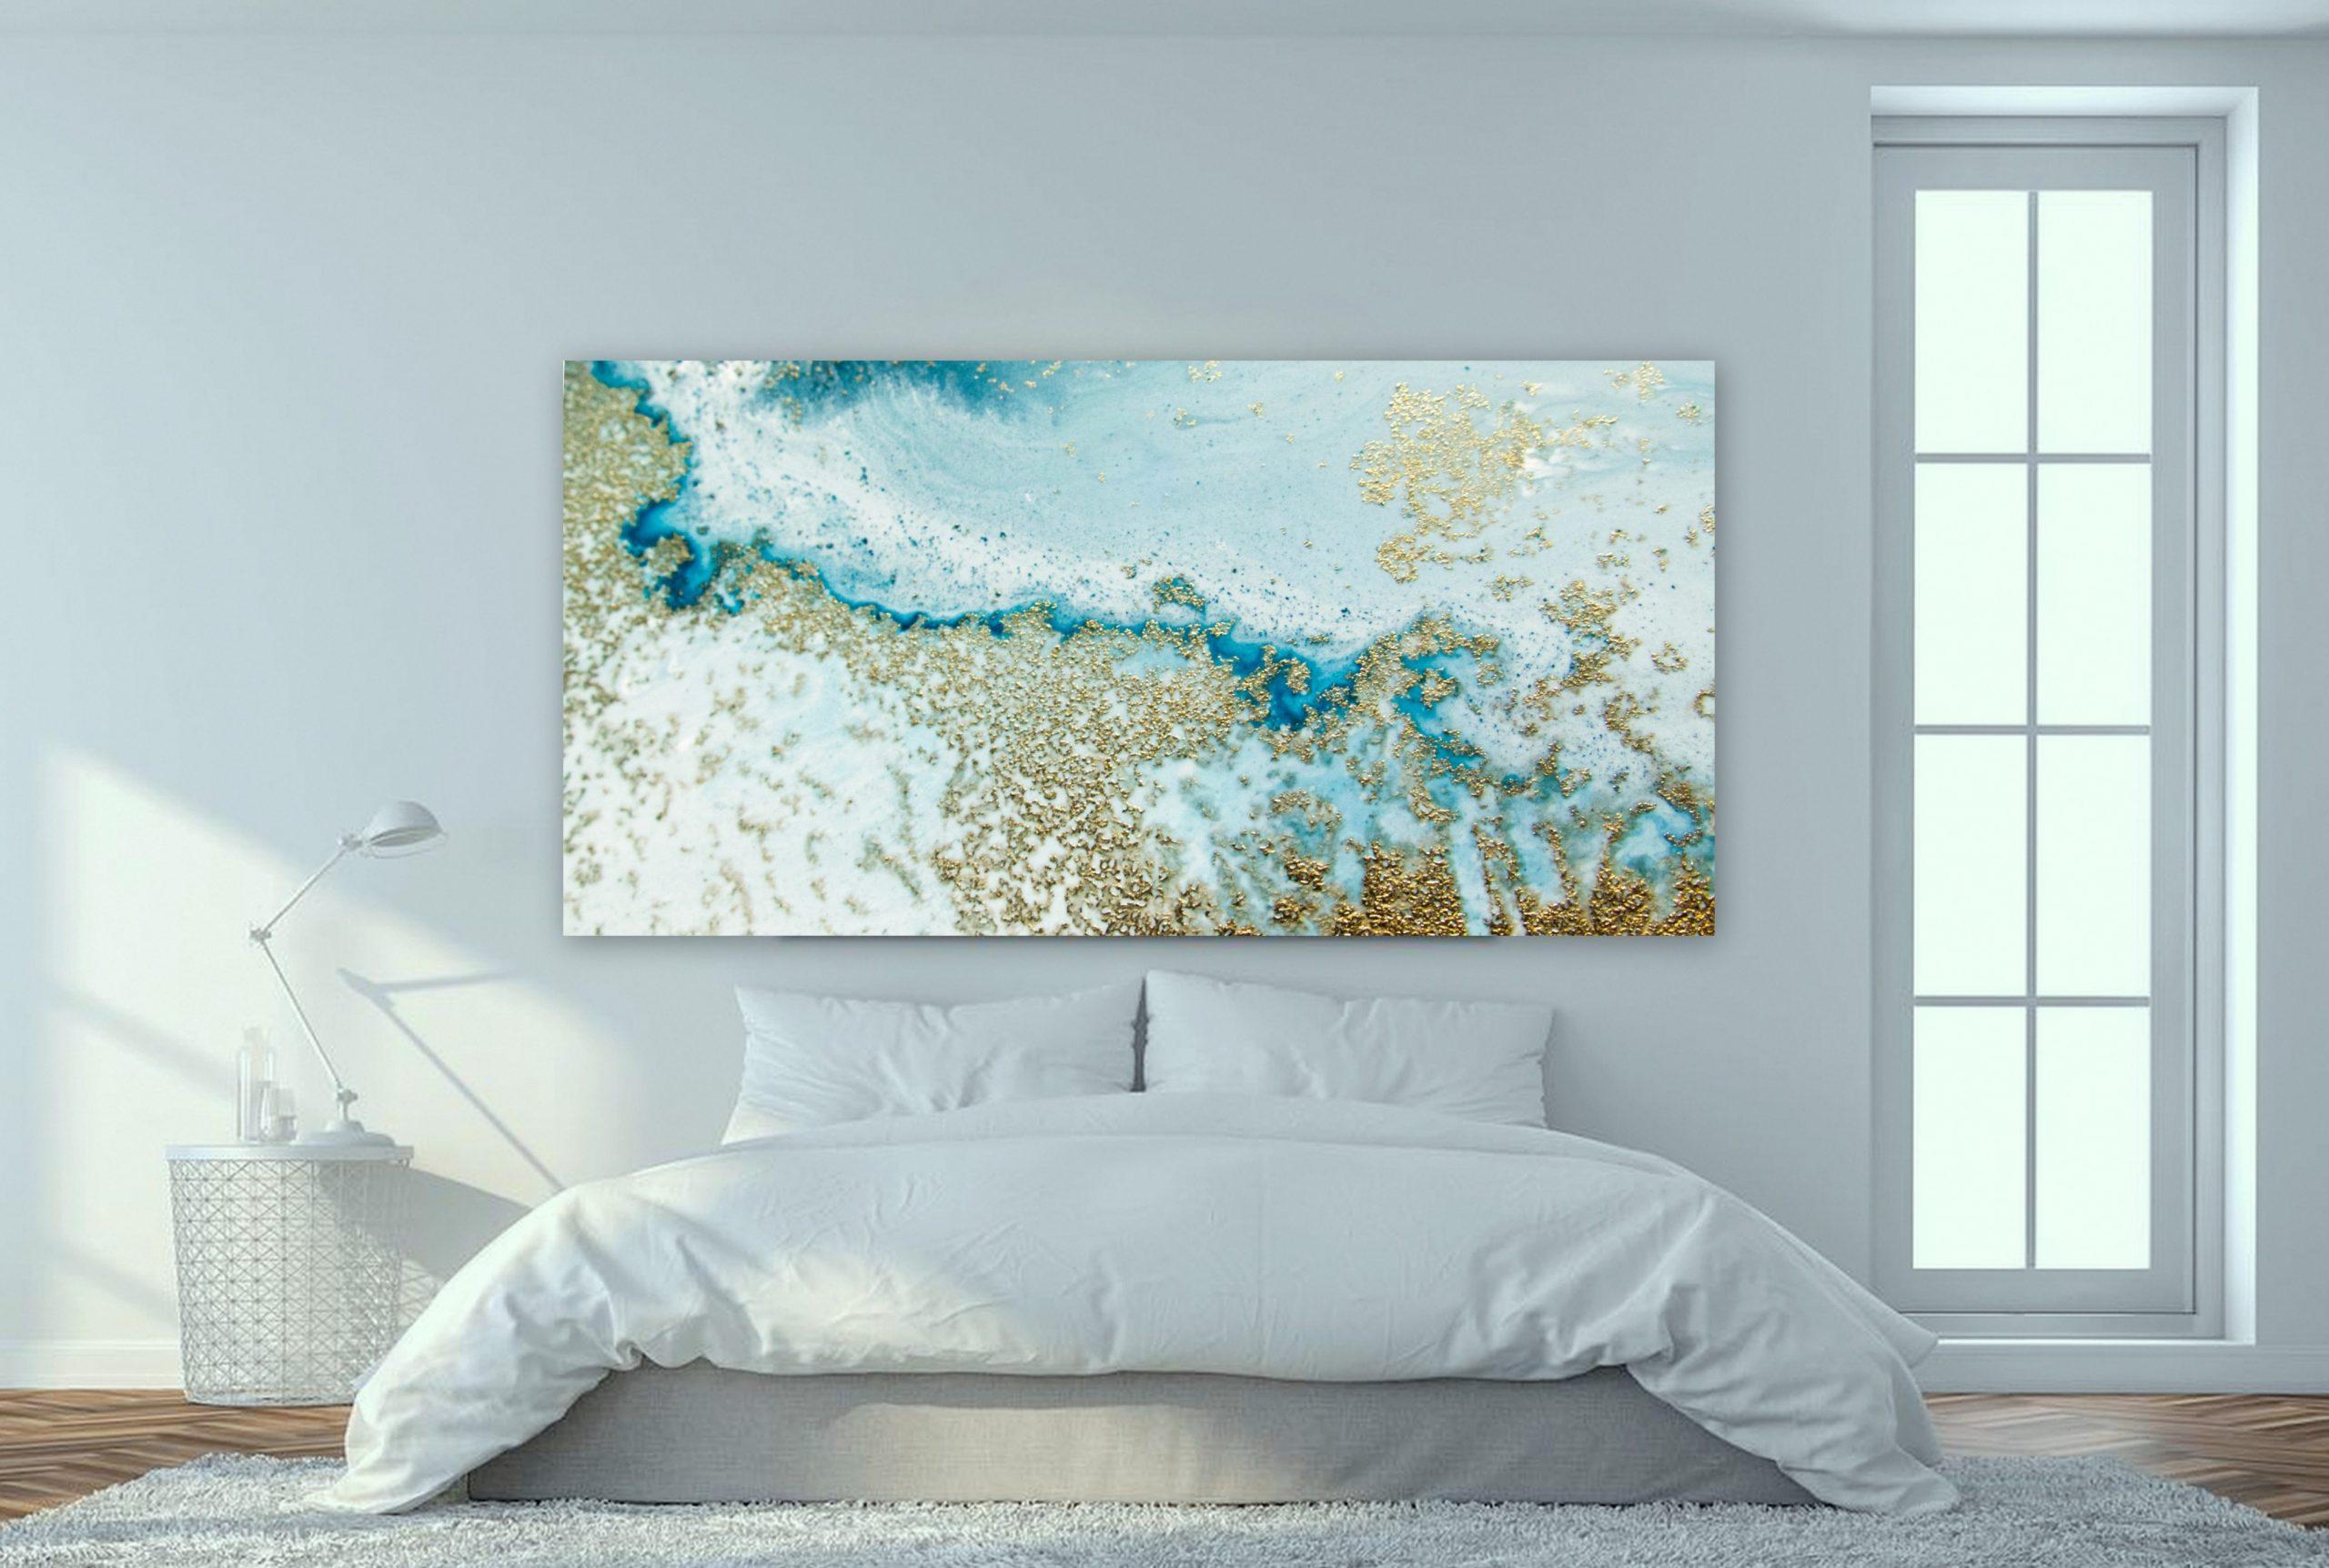 Gold Wall Art Reef Shallows Petra Meikle De Vlas